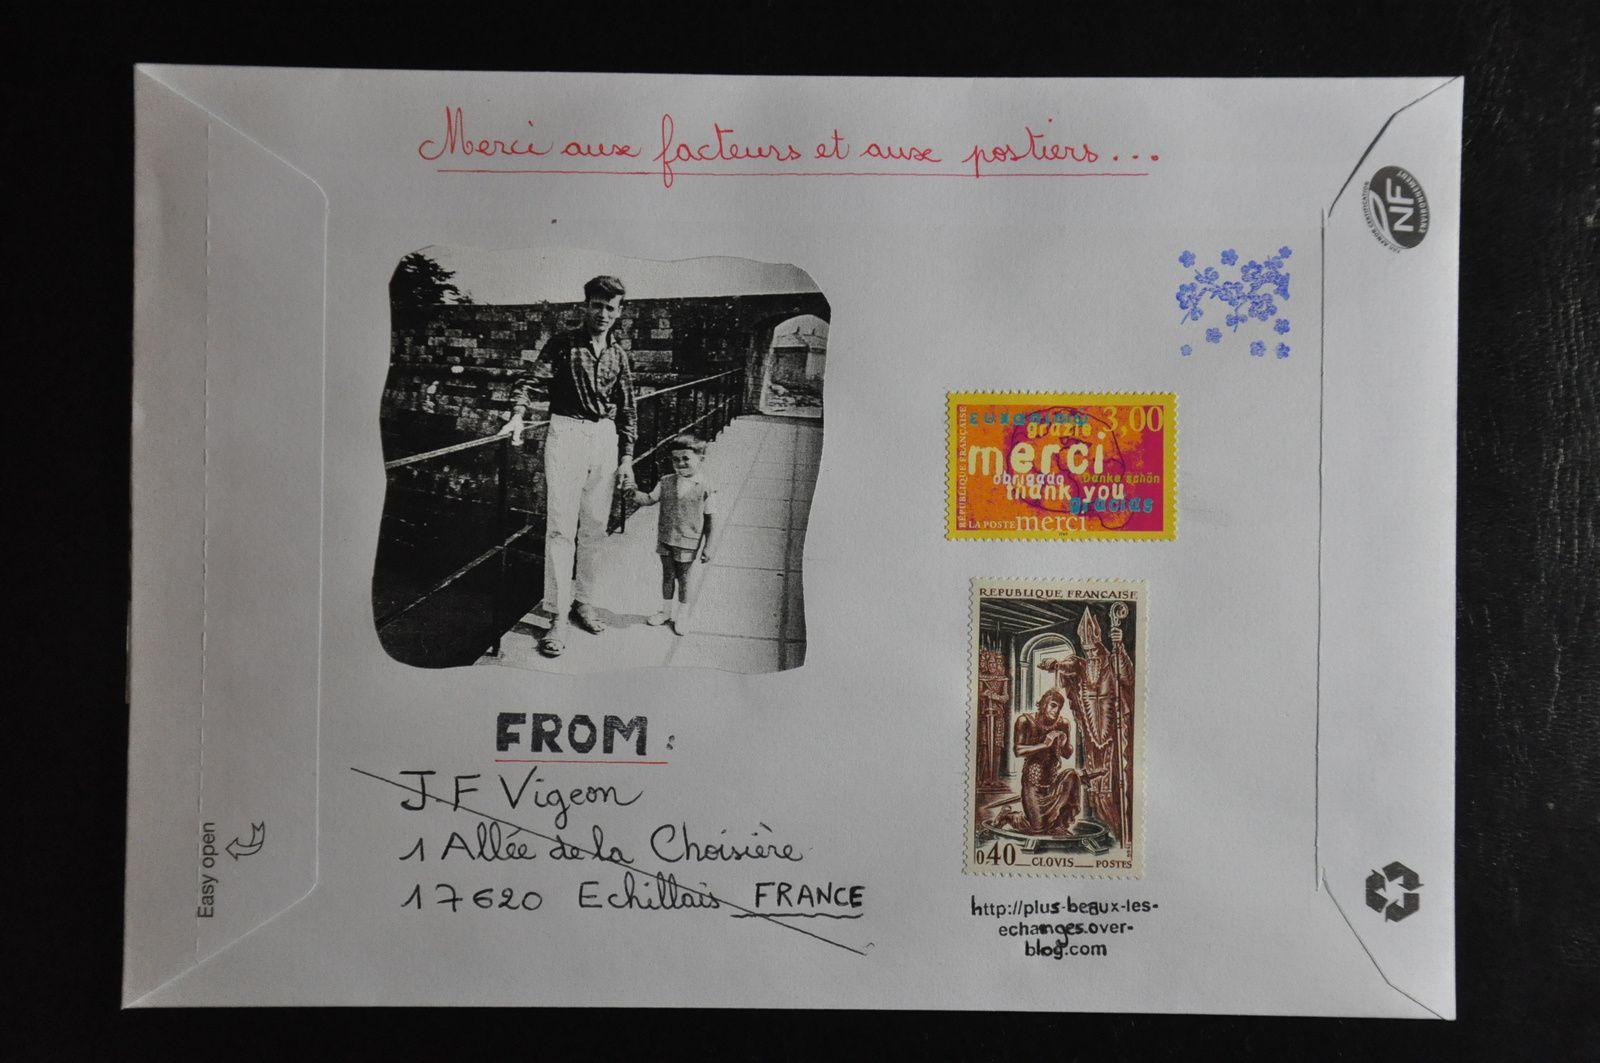 Voici la première enveloppe d'une série...Jean-Pierre qui n'est d'autre que mon papa va ainsi voyager partout dans le monde à des adresses fictives en espérant que mes envois seront retournés à l'expéditeur.